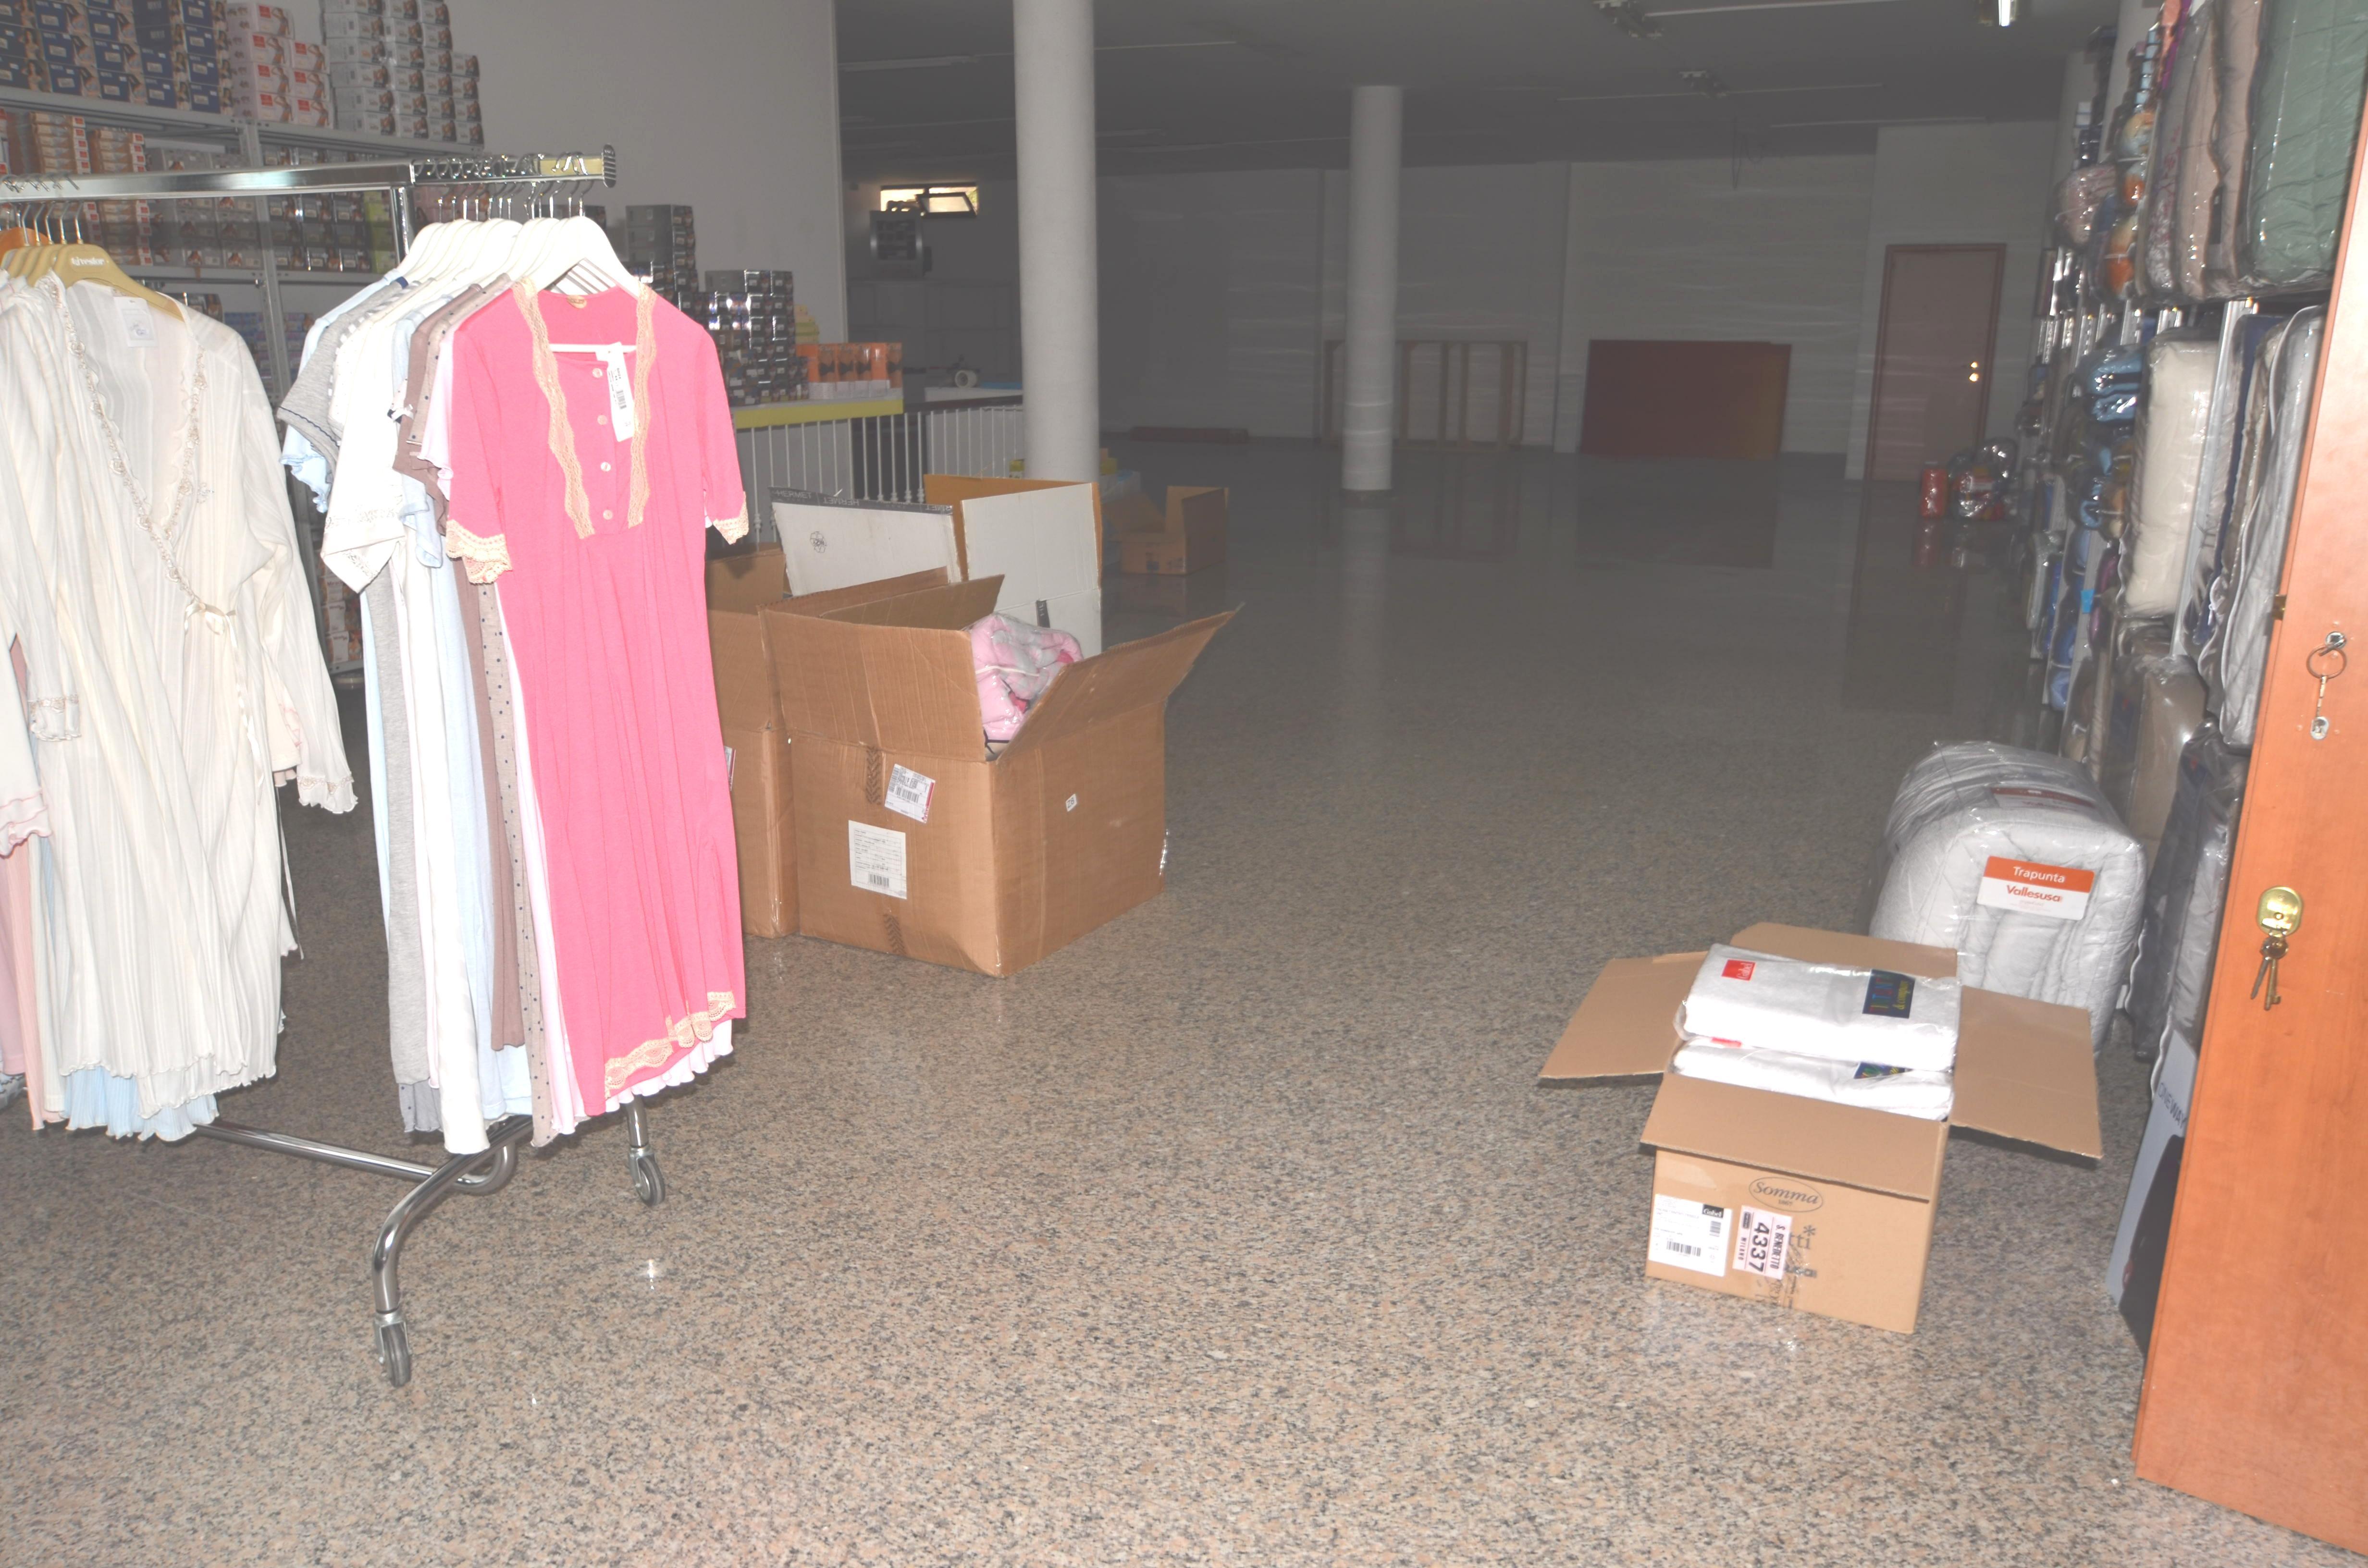 Locale Commerciale / Negozio in Vendita a San Benedetto del Tronto ...